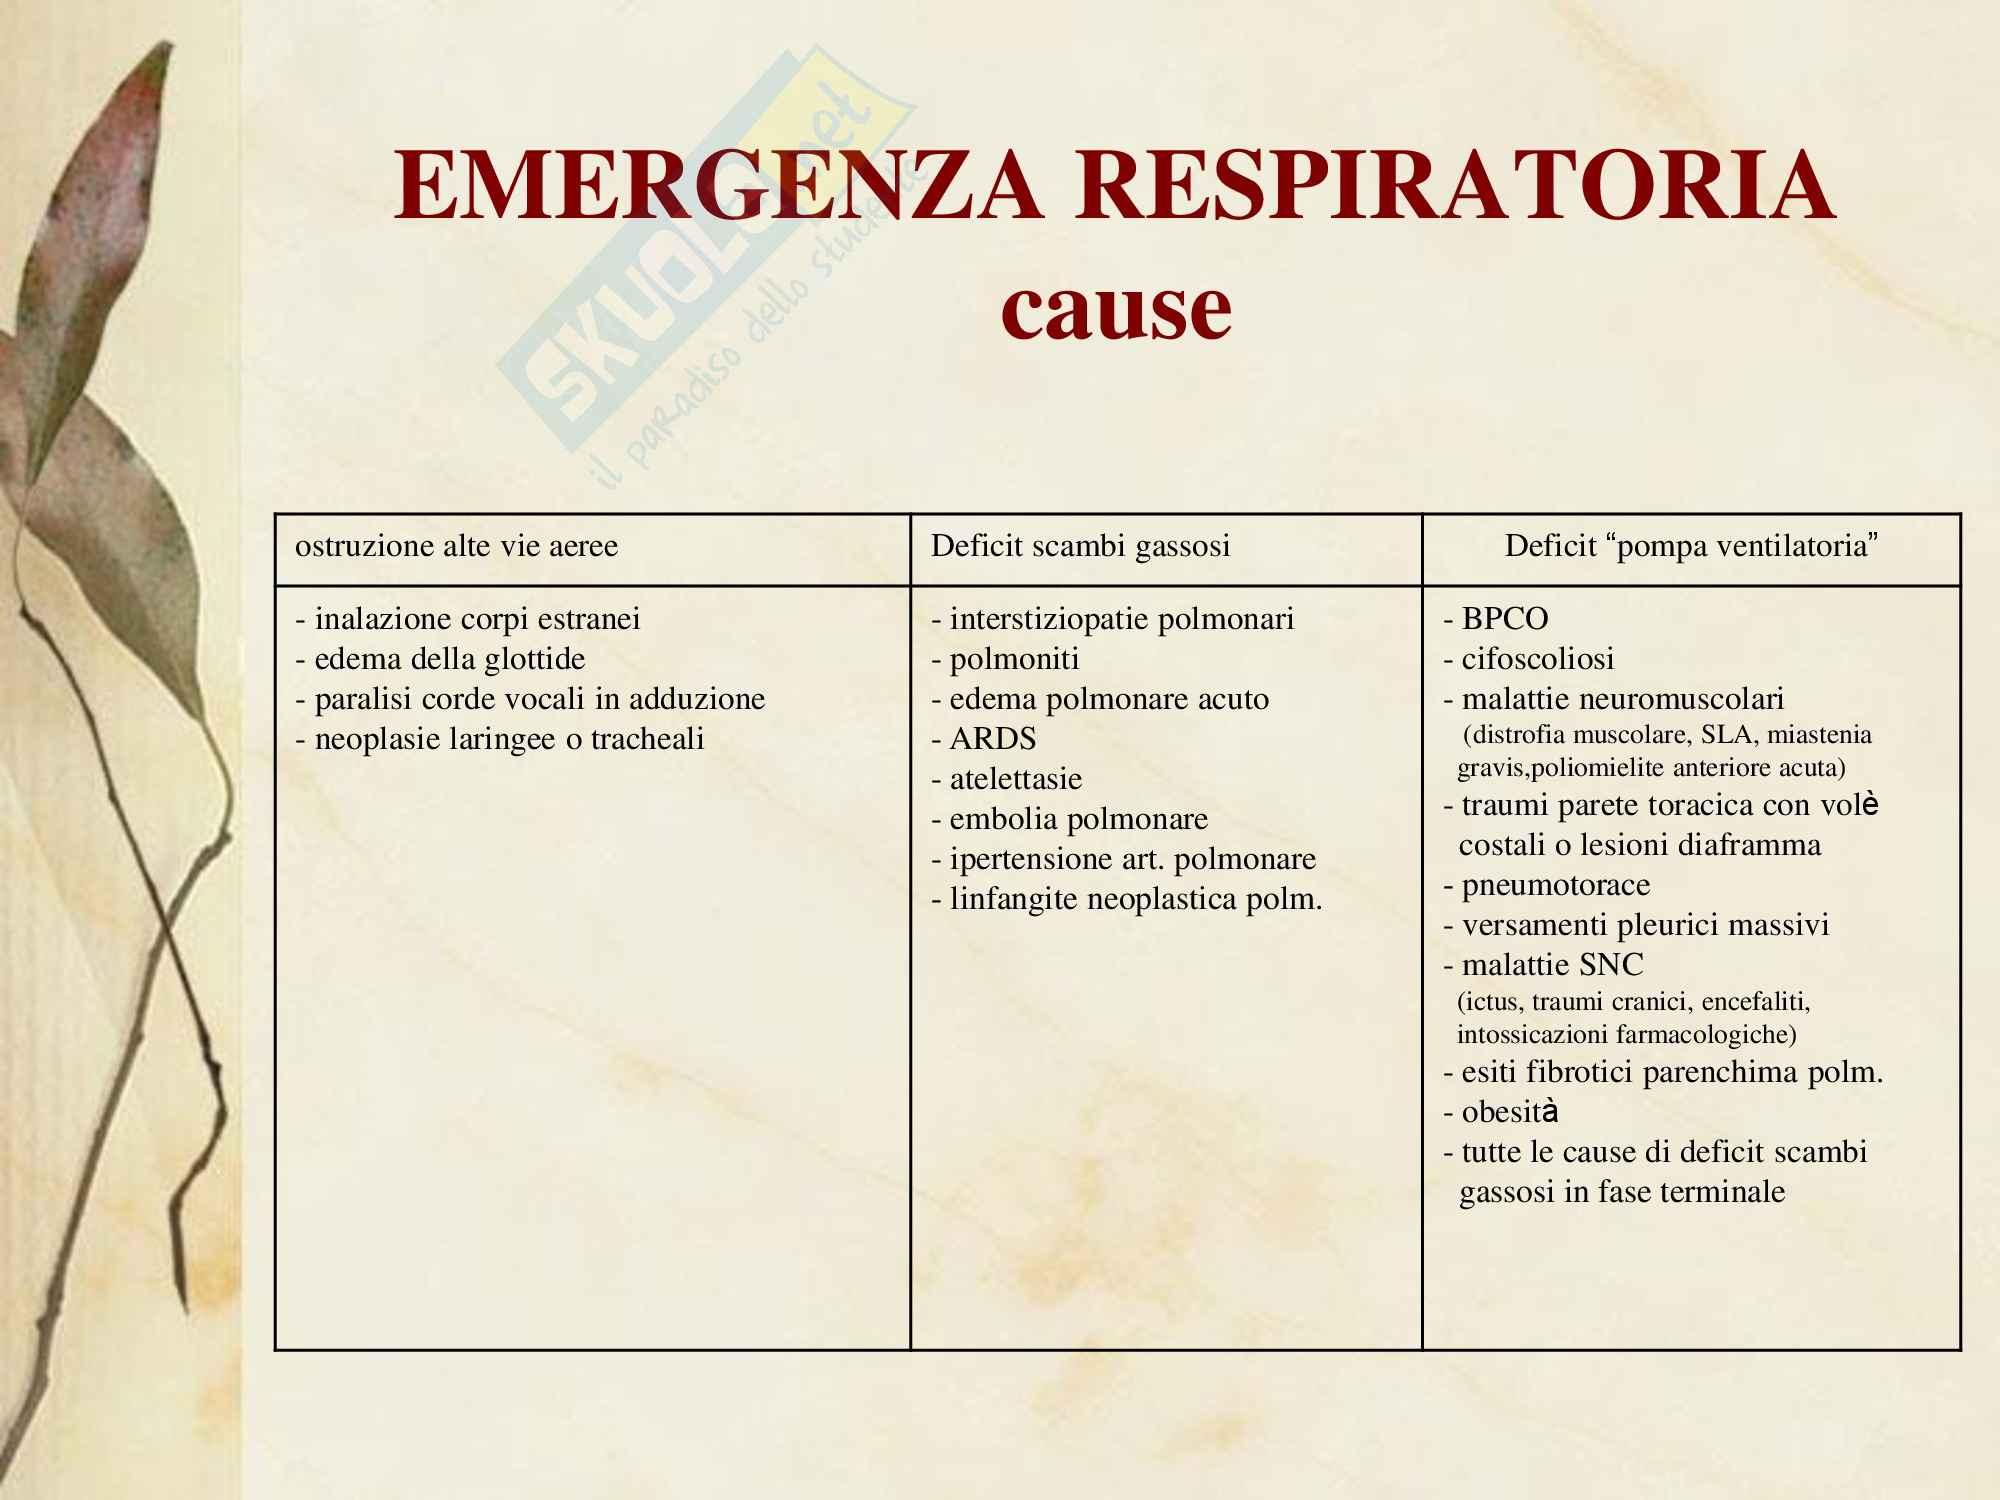 Malattie dell'apparato respiratorio - Emergenza Respiratoria Pag. 2